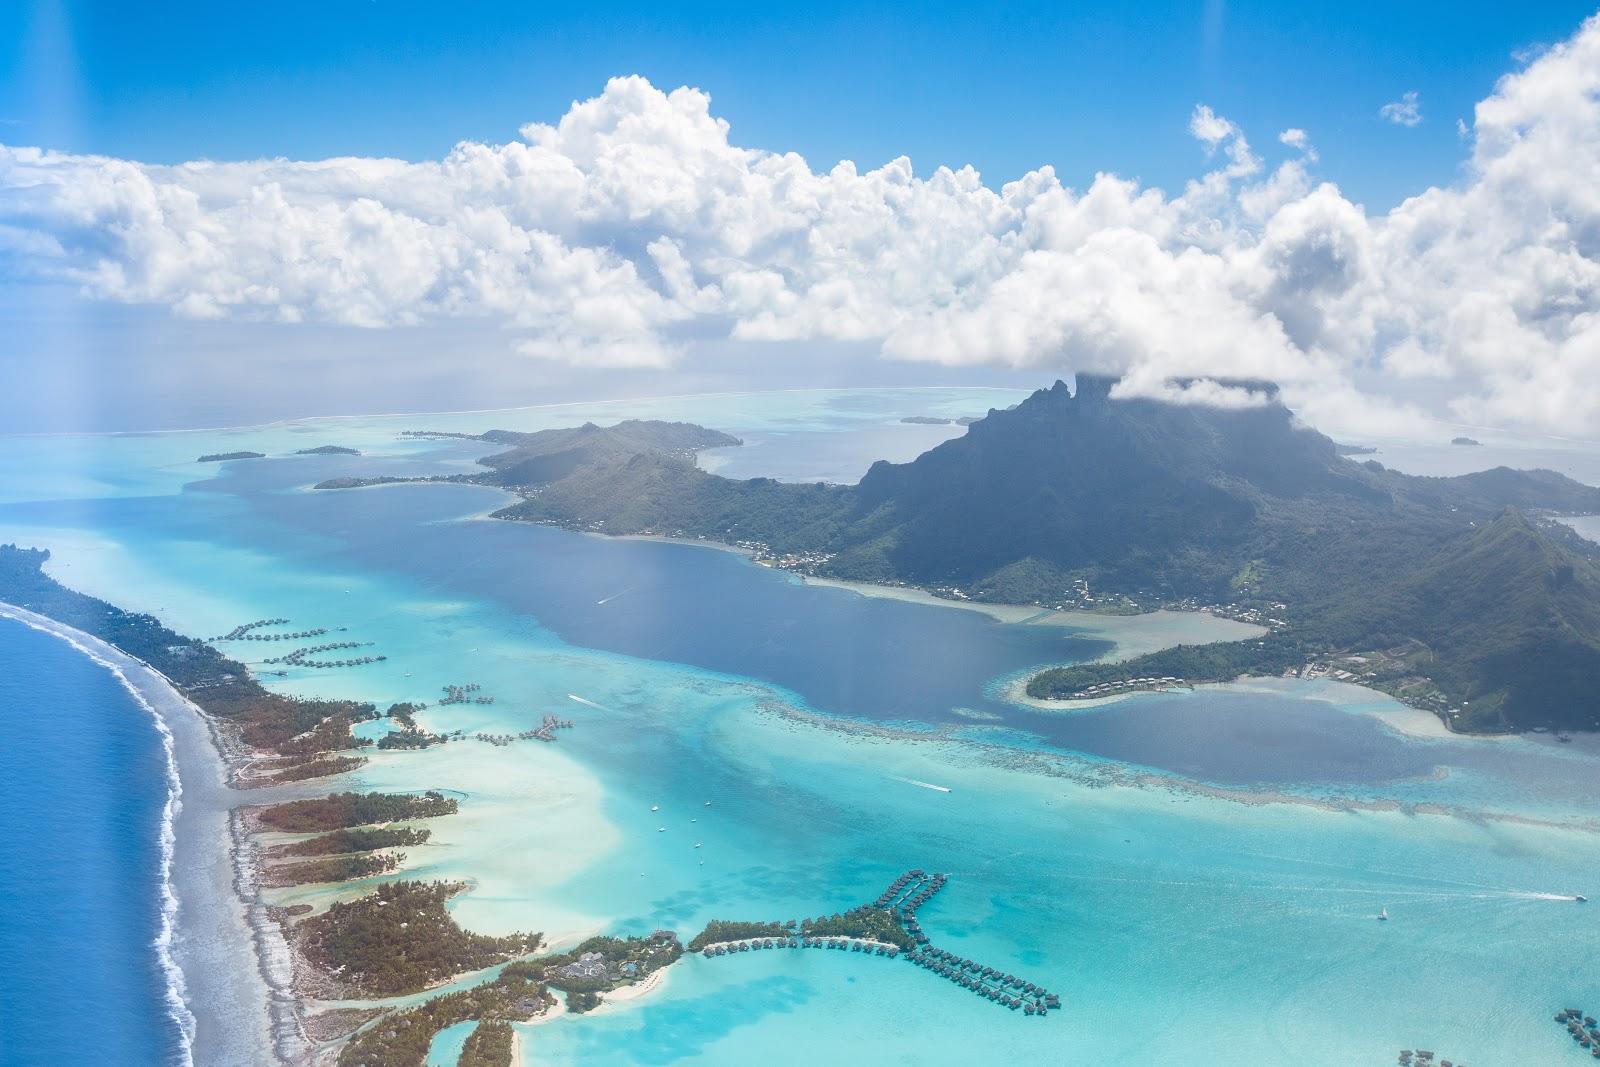 Bora Bora本島及周圍Motu 空拍照